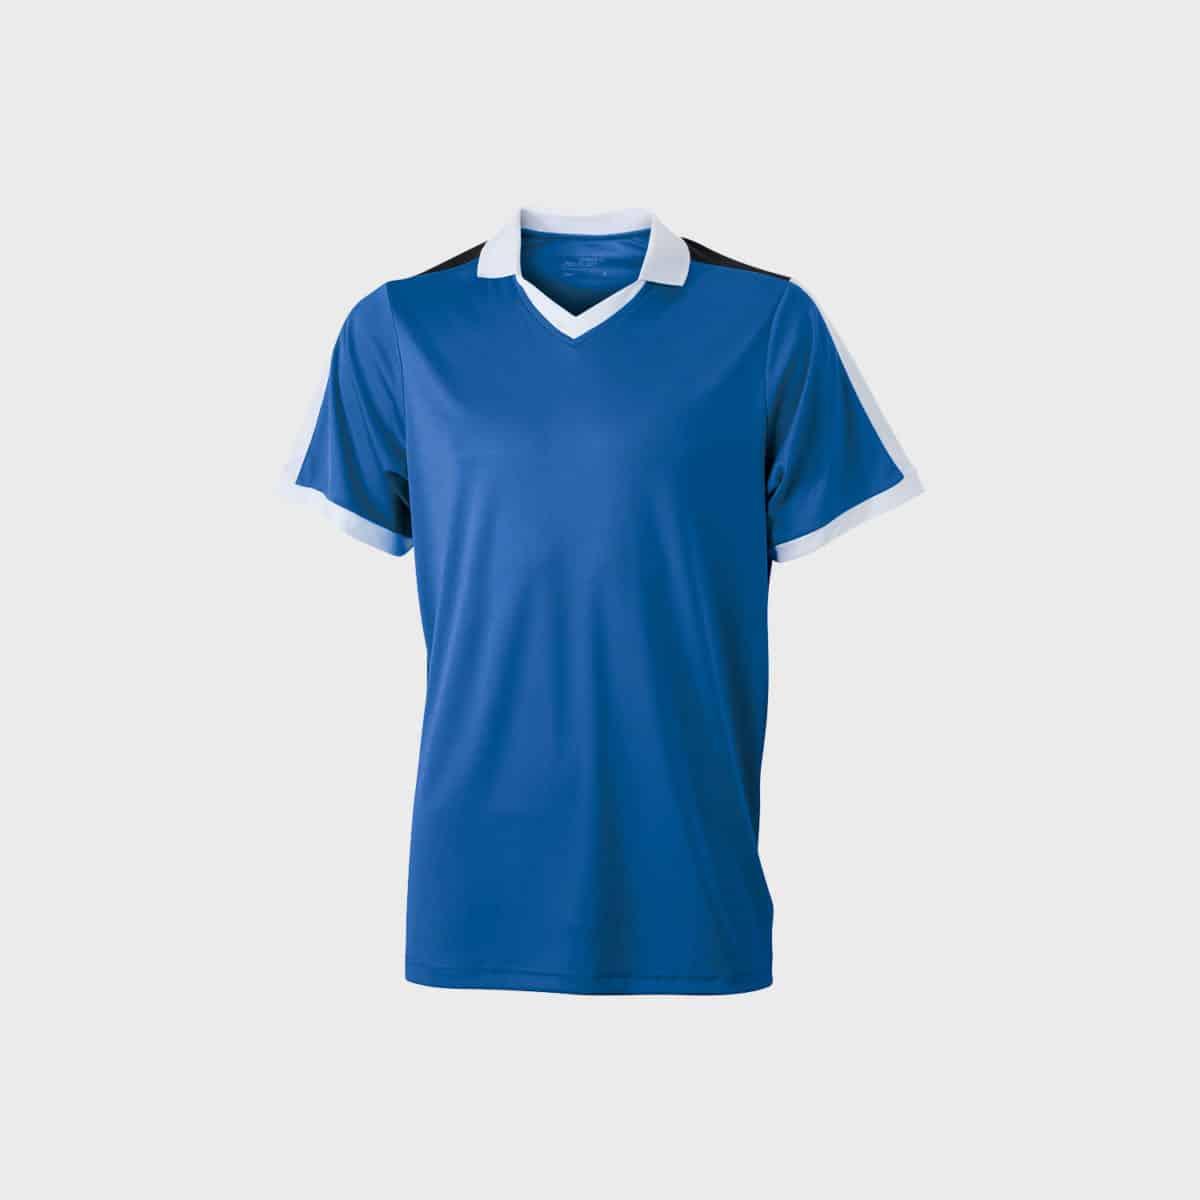 team-shirt-v-neck-t-shirt-unisex-cobalt-shite-black-kaufen-besticken_stickmanufaktur